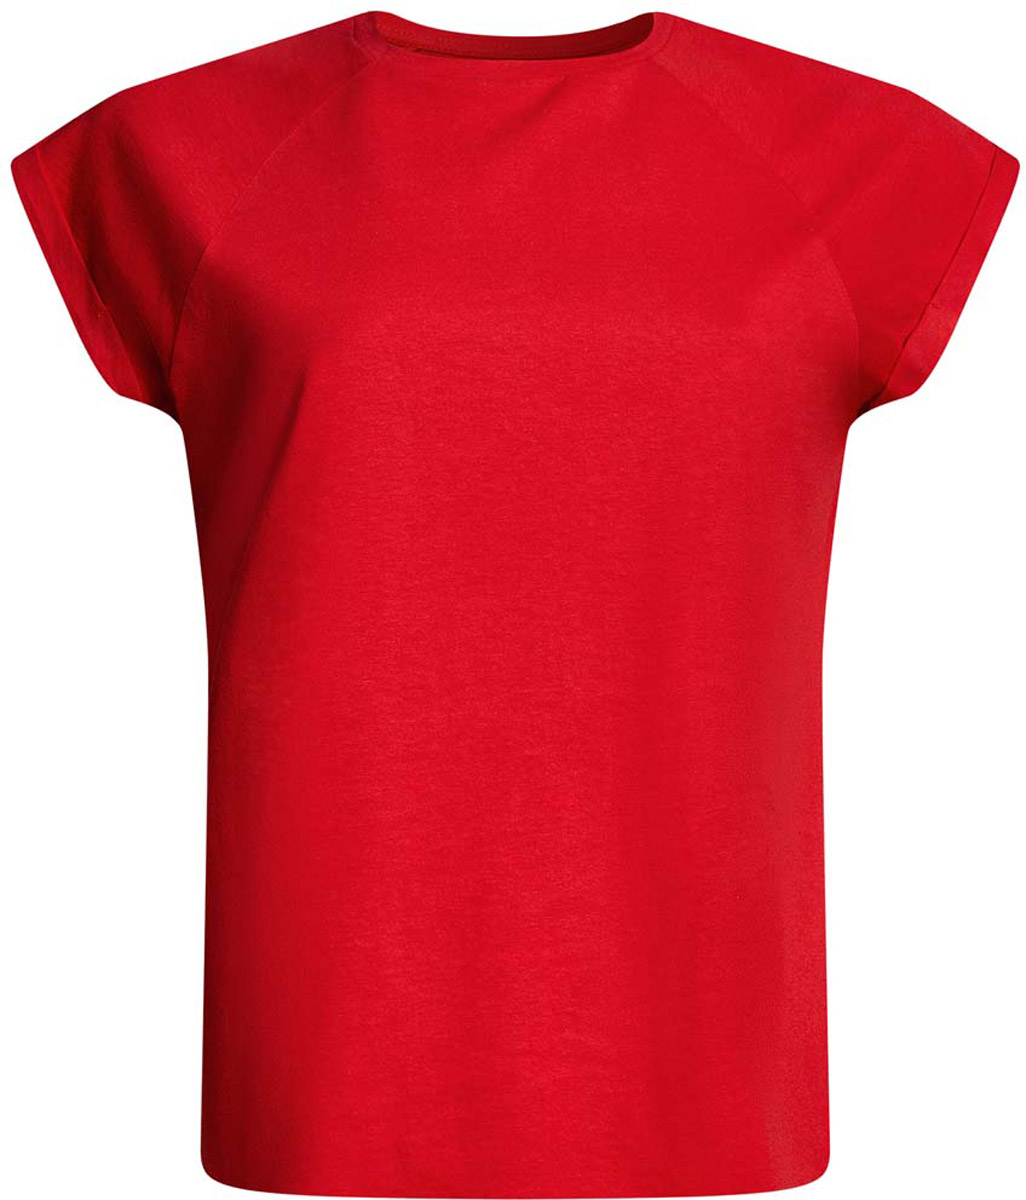 Футболка женская oodji Ultra, цвет: красный. 14707001-4B/46154/4500N. Размер XS (42)14707001-4B/46154/4500NЖенская футболка выполнена из хлопка. Модель с круглым вырезом горловины и короткими рукавами реглан, дополненными отворотом.